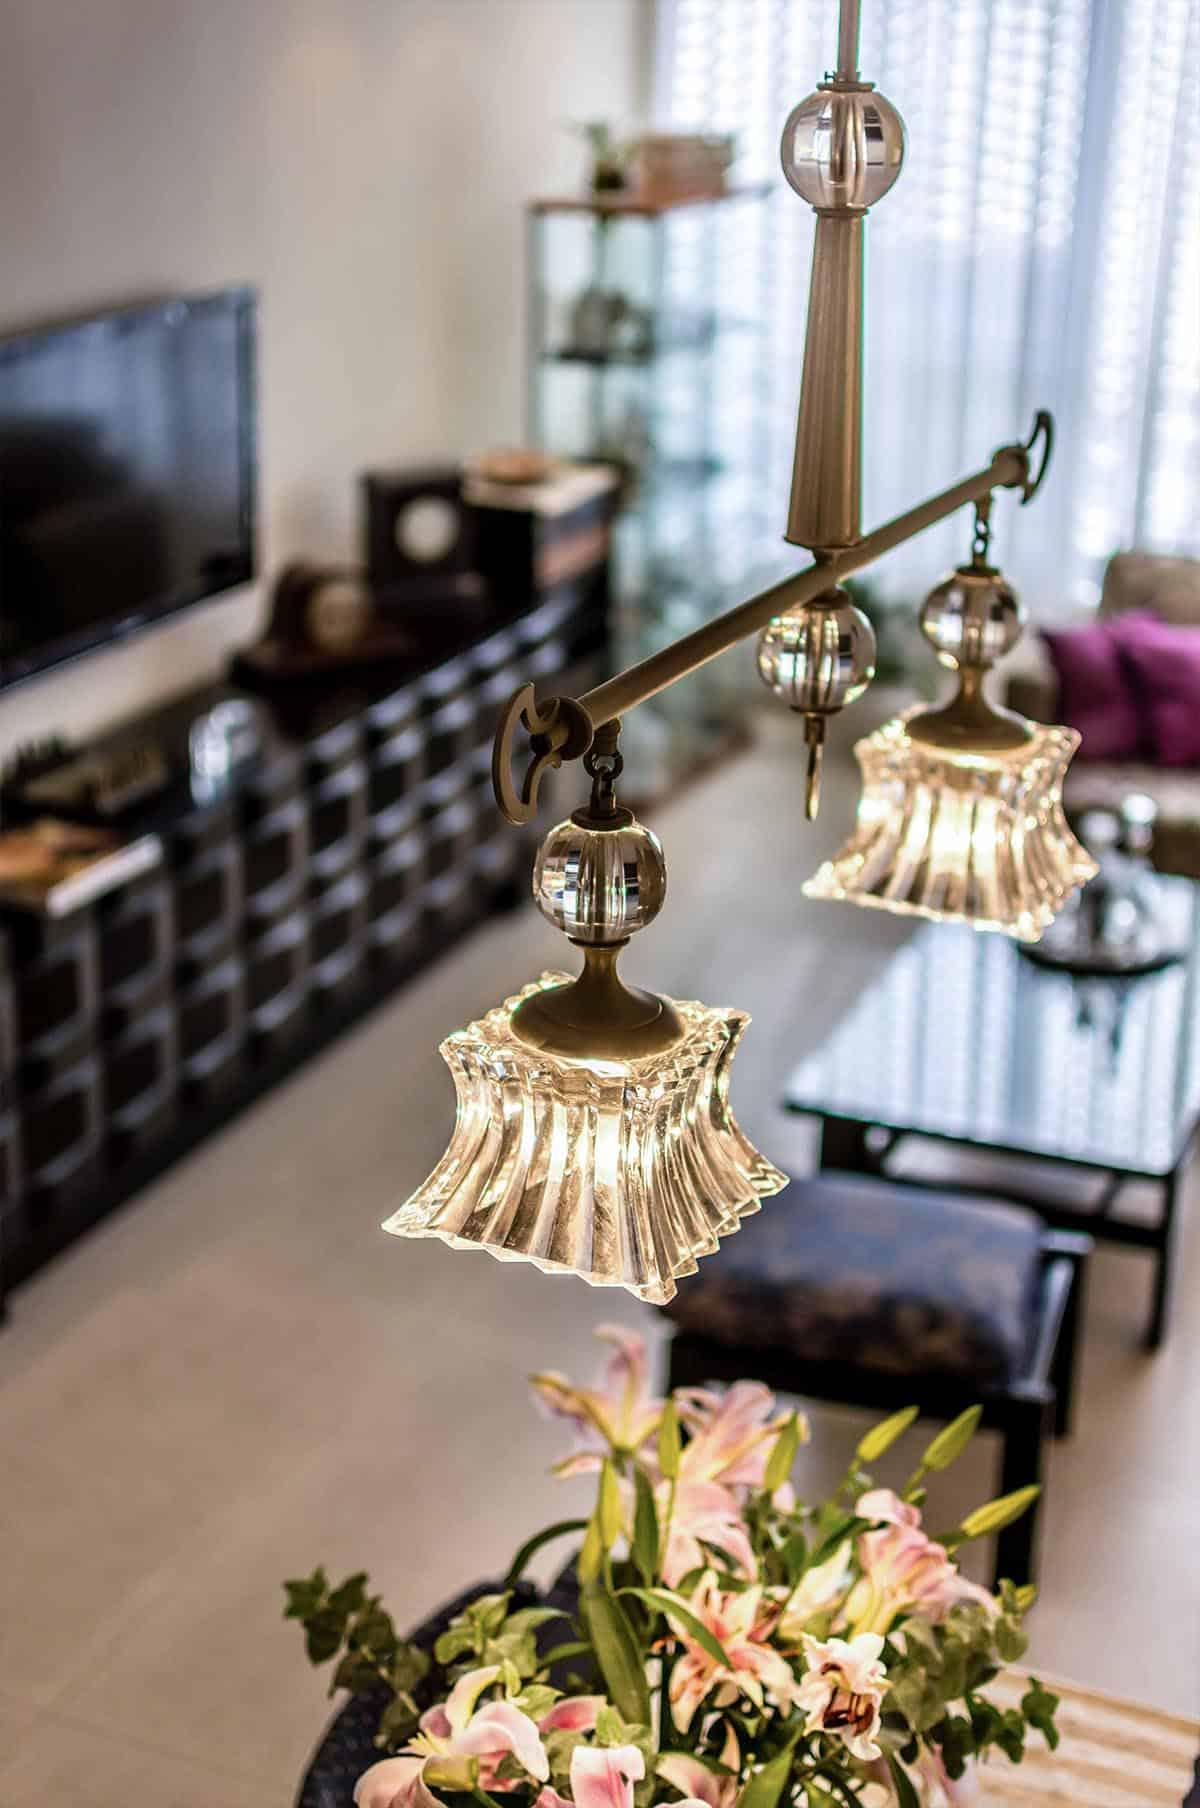 נברשת פינת האוכל בדירה ברעננה העשויה ניקל וקריסטל צ'כי, שירית דרמן עיצוב פנים וייעוץ תאורה